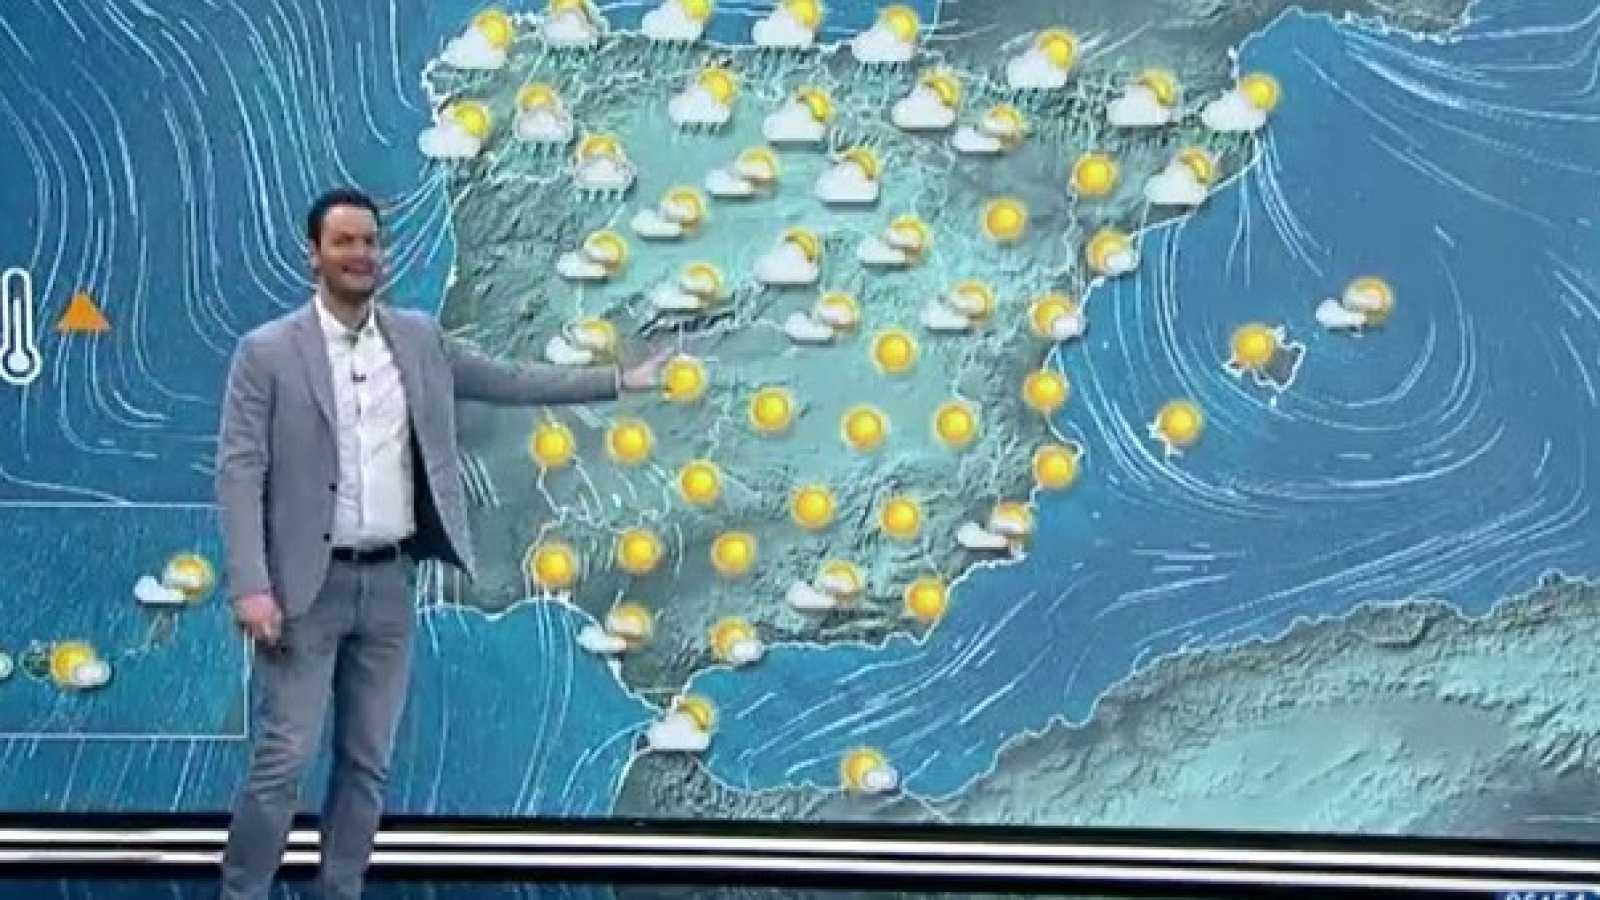 La Aemet prevé unnNotable ascenso térmico en el Cantábrico oriental, valle del Ebro y Valencia